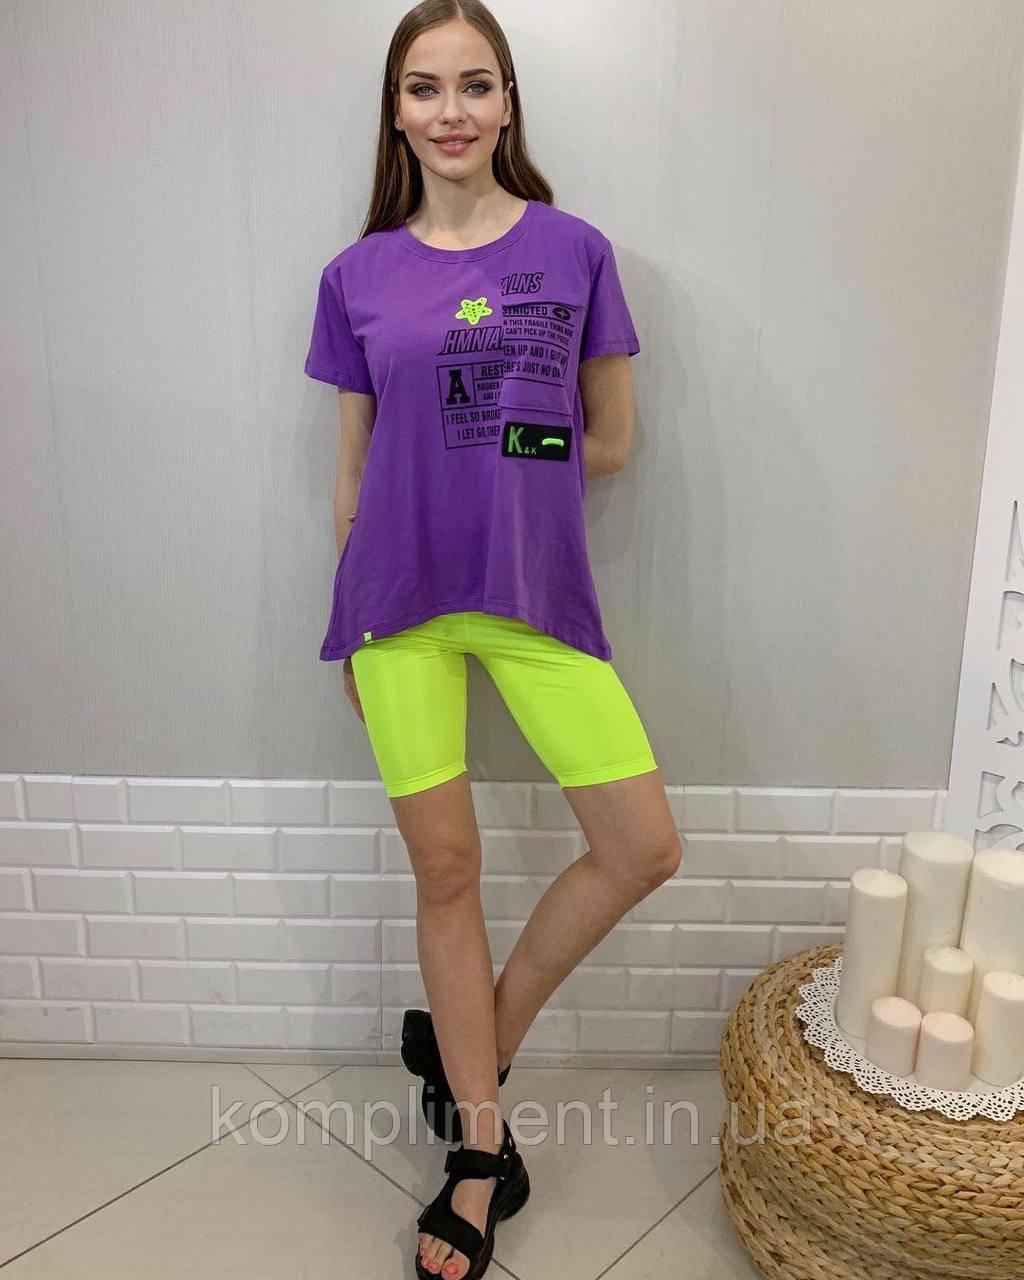 Турецкая женская трикотажная сиреневая футболка с цветной надписью, 7806